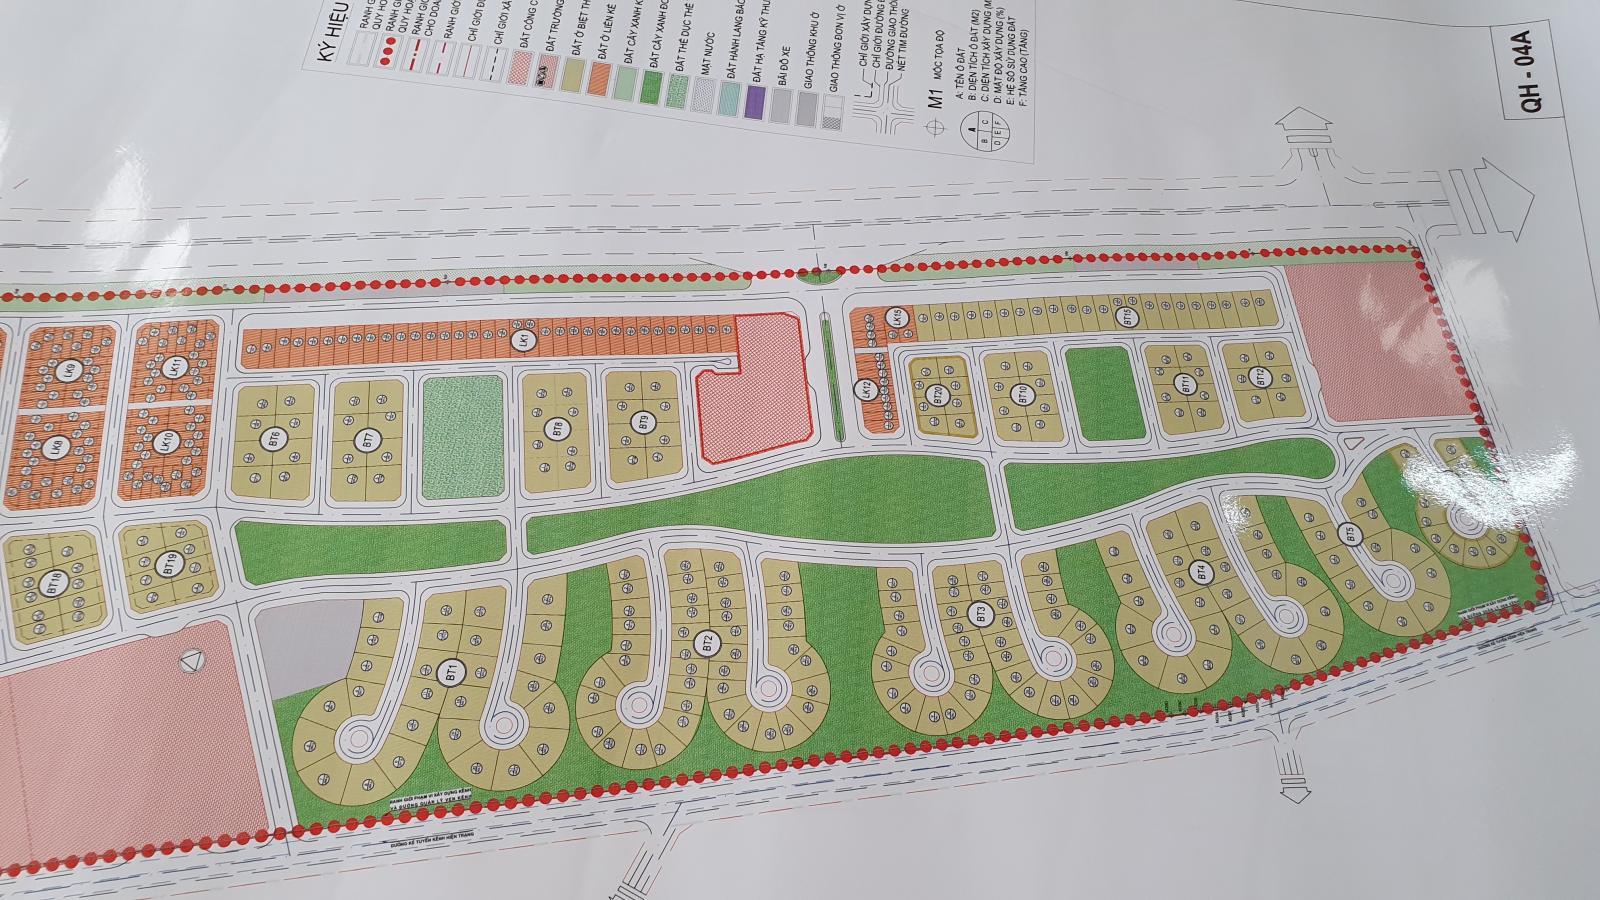 Chính chủ cần tiền bán nhà đất khu đô thị Hà Đô Dragon khu đô thị An Thượng An Khánh Hoài Đức Hà Nội Gía rẻ